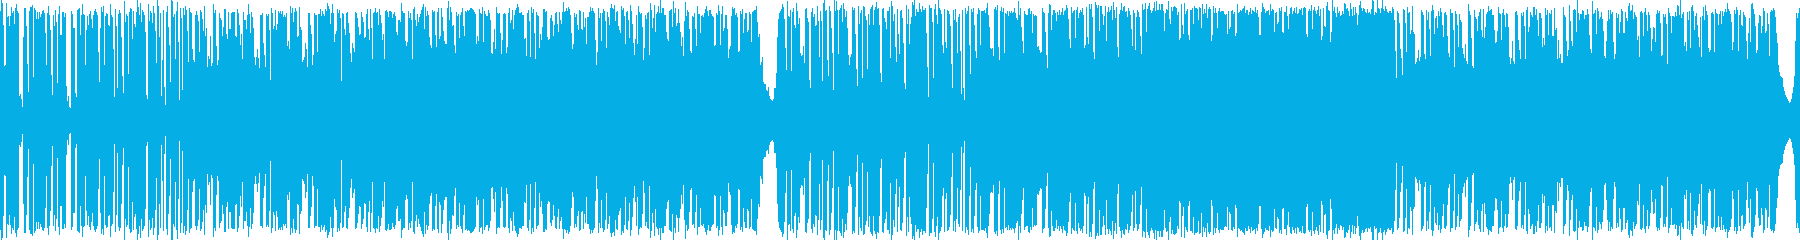 シンセメインのBGMの再生済みの波形